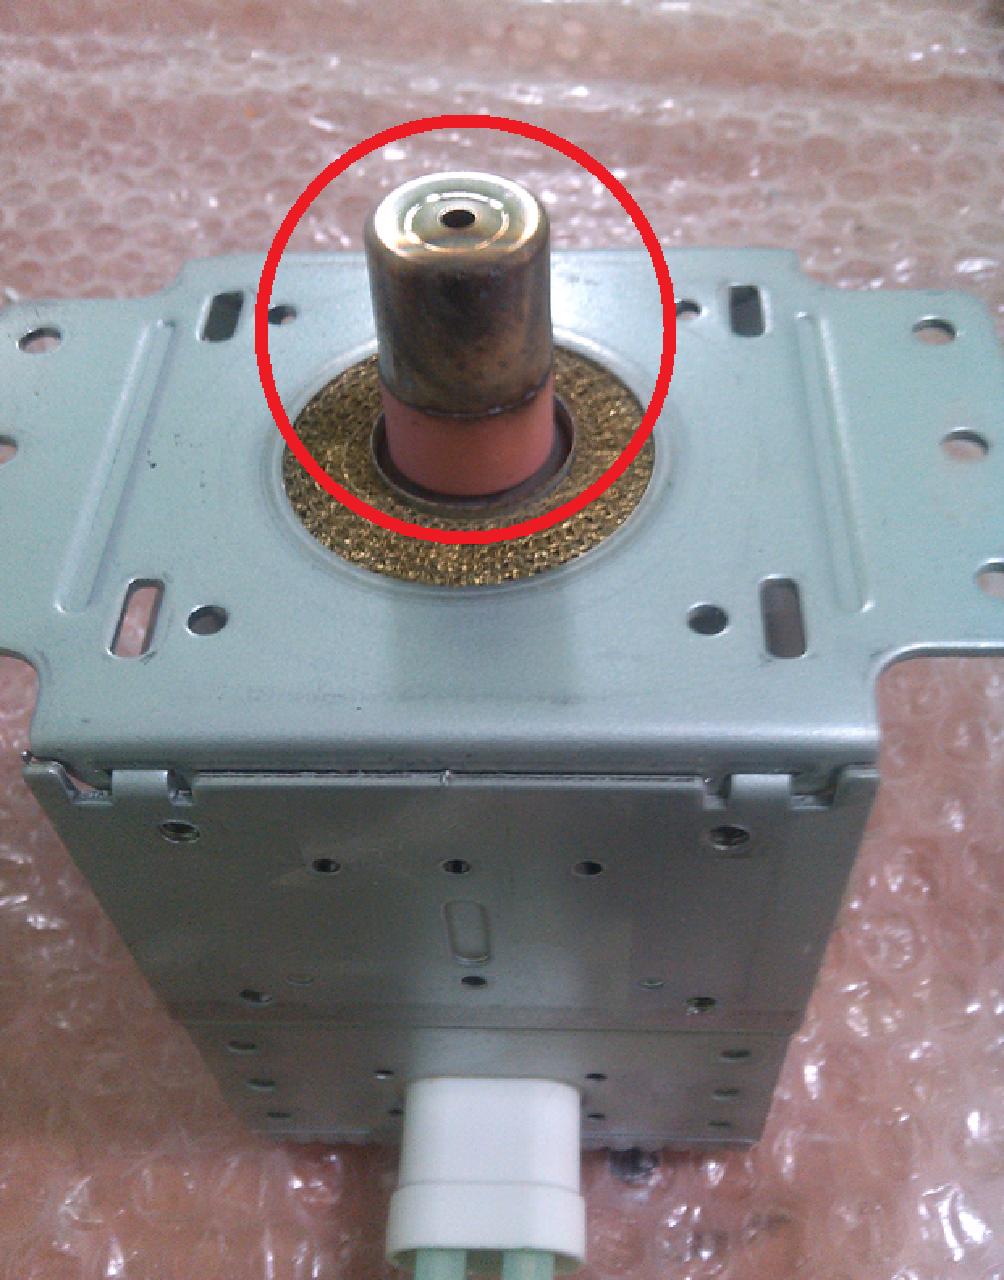 Ремонт колпачка магнетрона микроволновки своими руками 78